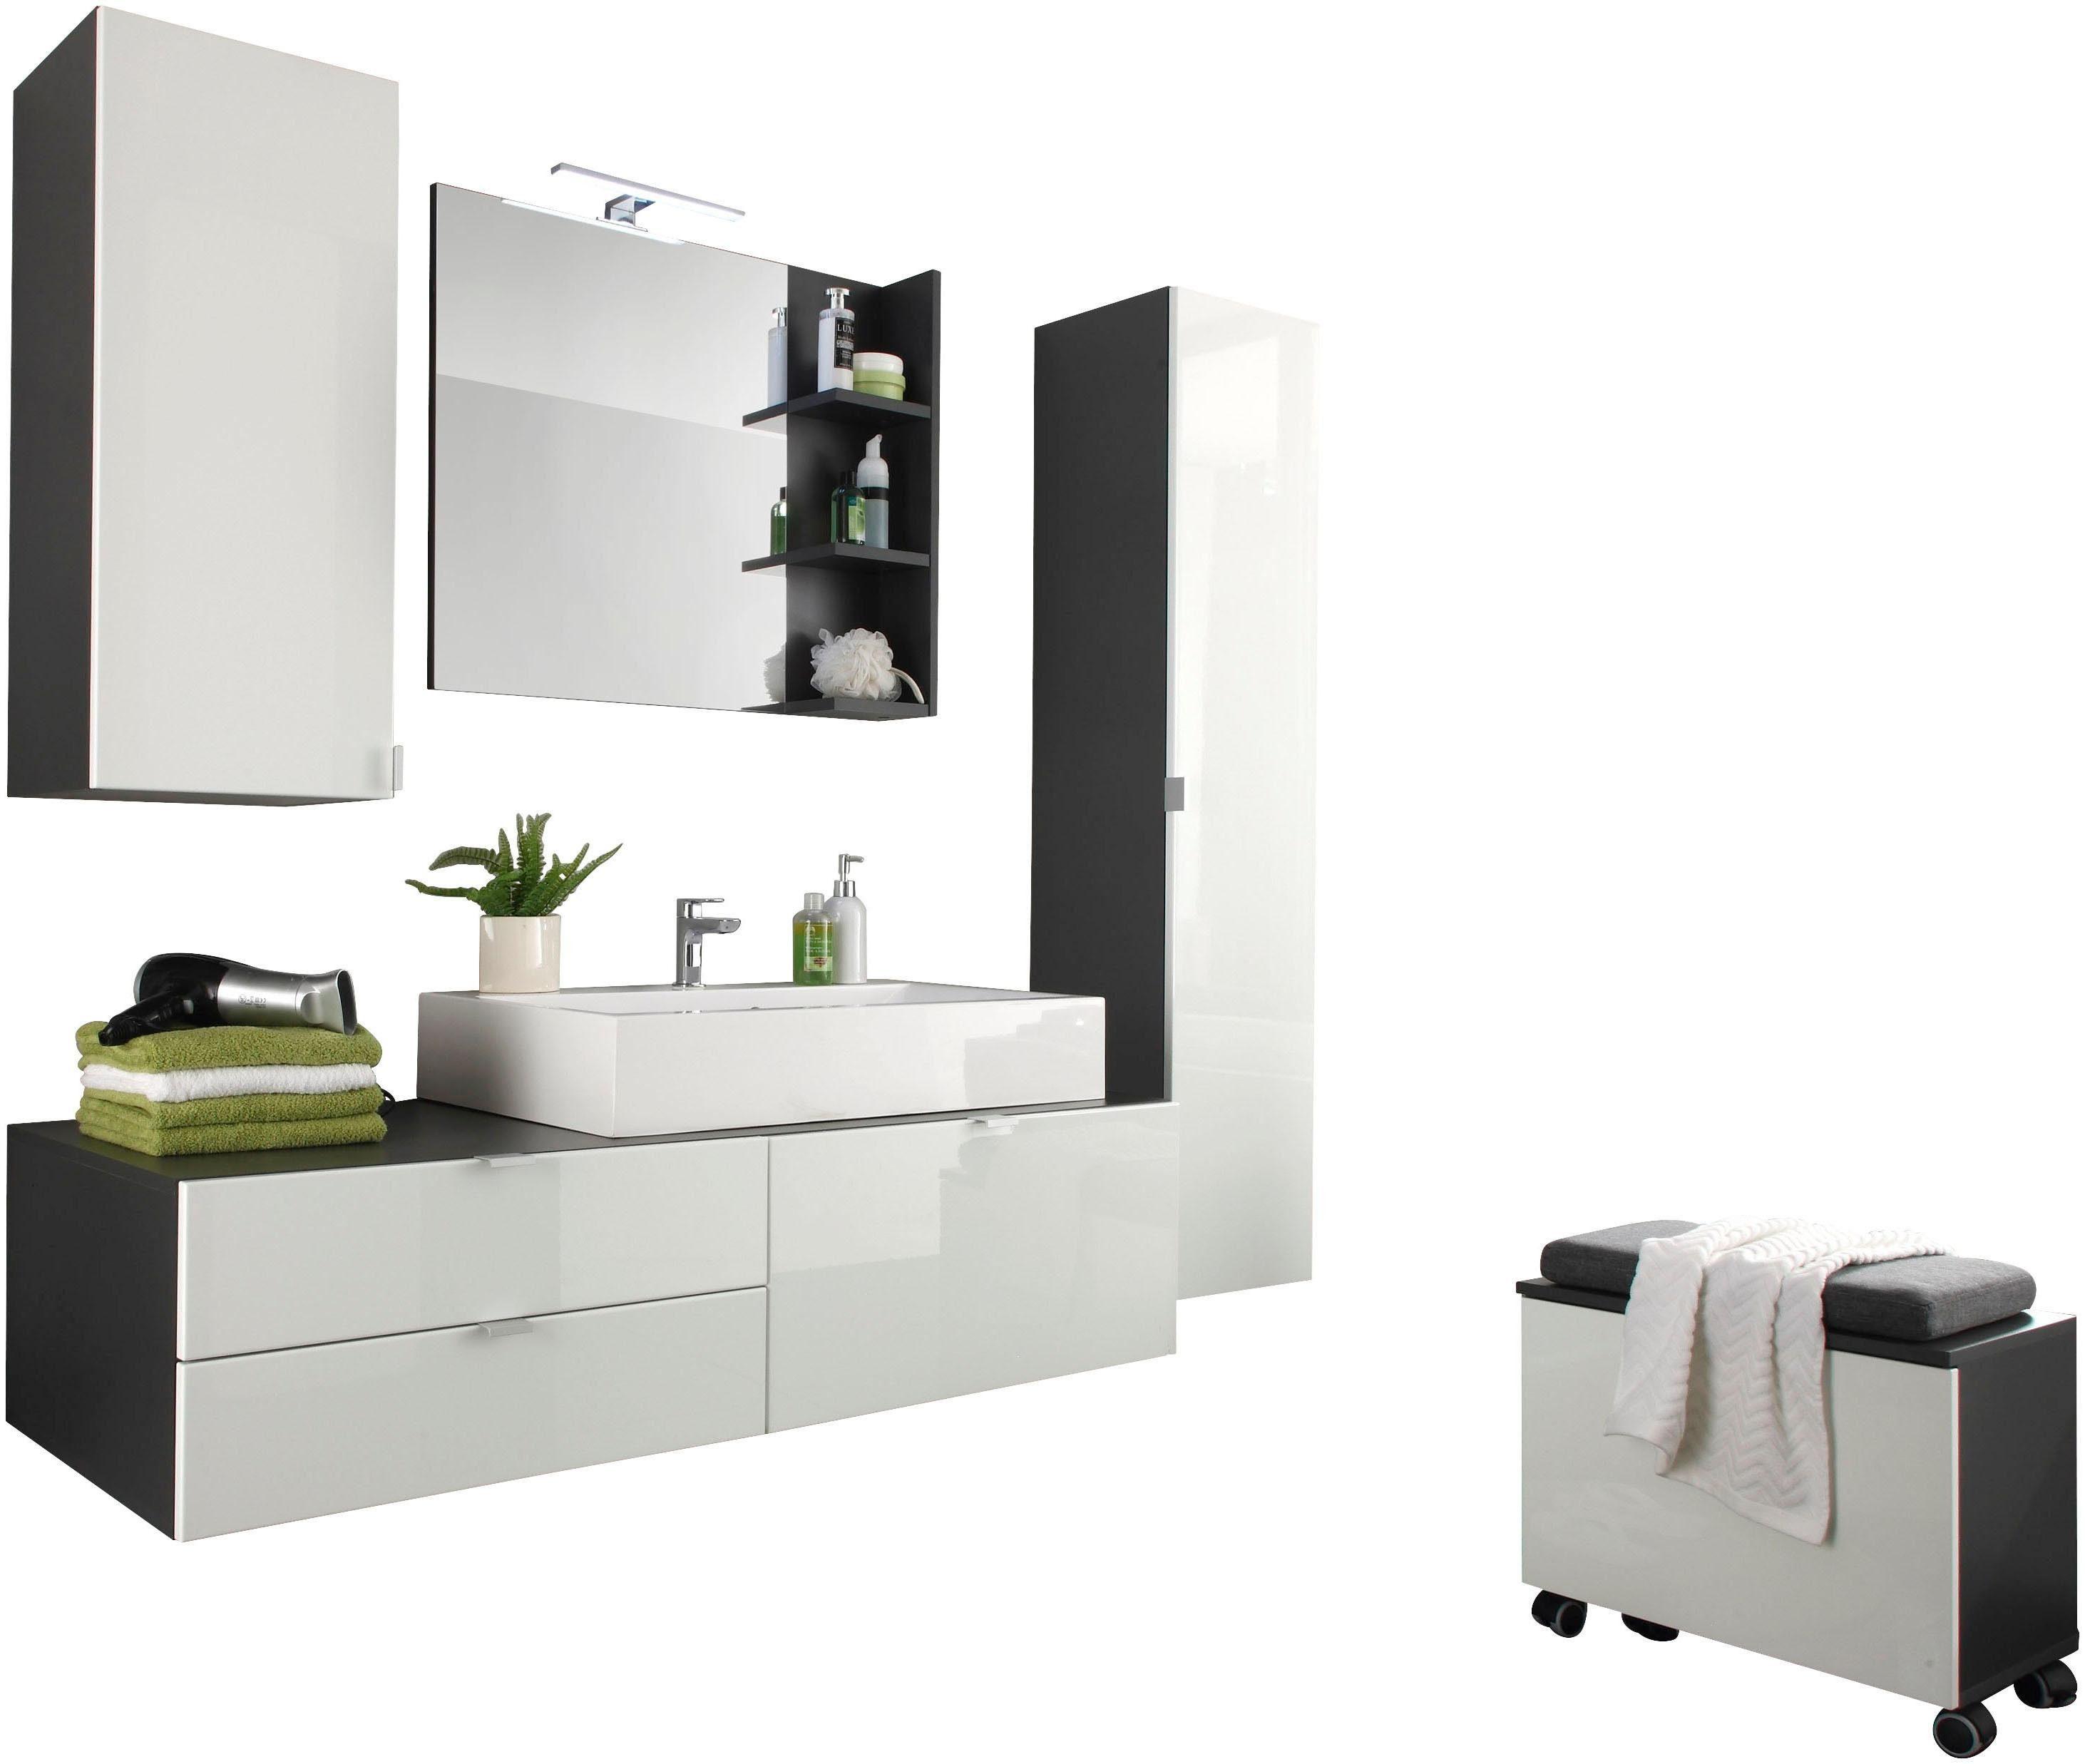 Ikea Küche Hängeschrank   Trendteam Badmöbel set »beach ...